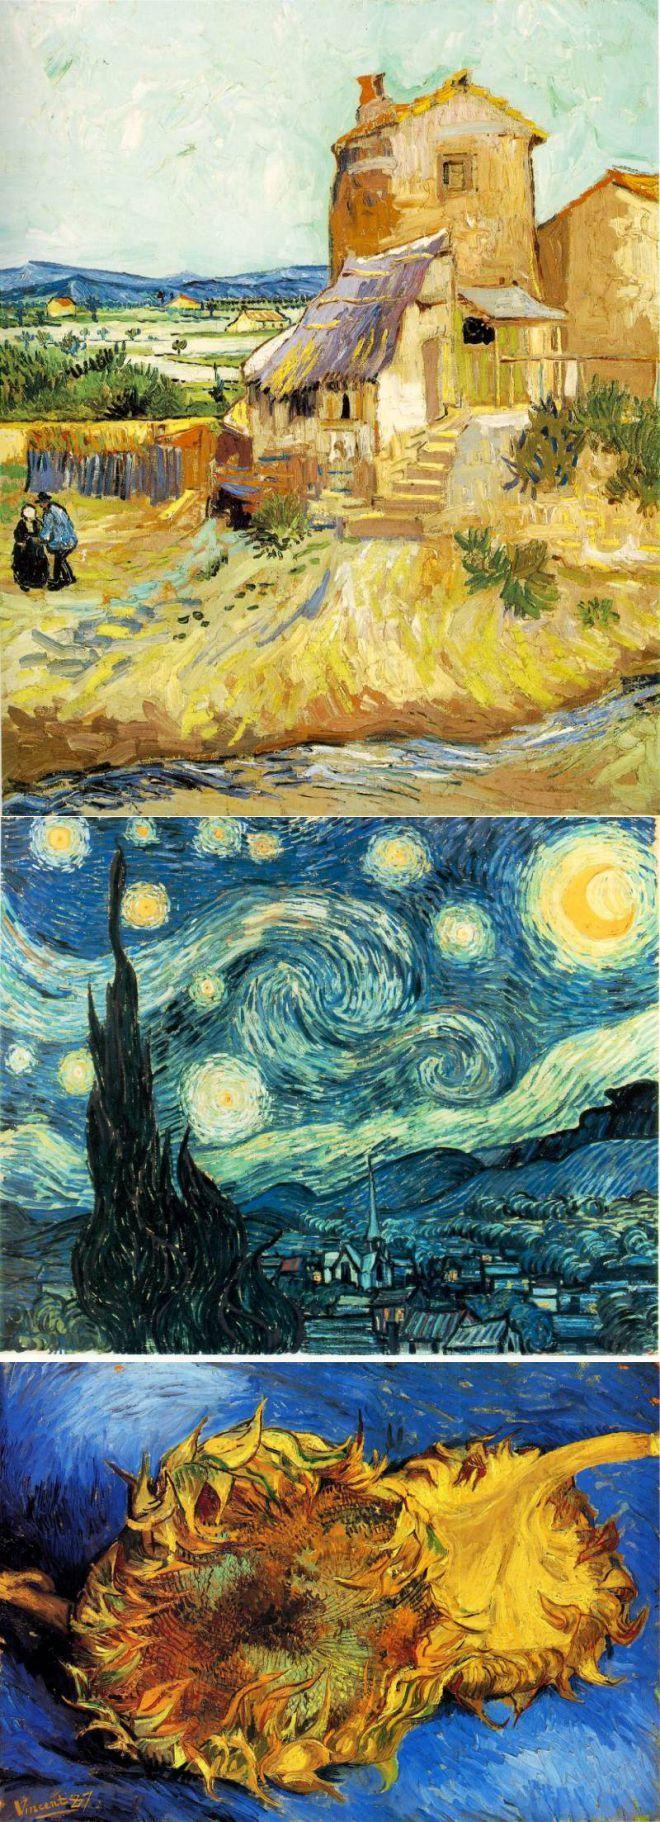 ИМПРЕССИОНИЗМ.Ч.1   Искусство - Ван Гог   искусство   Постила